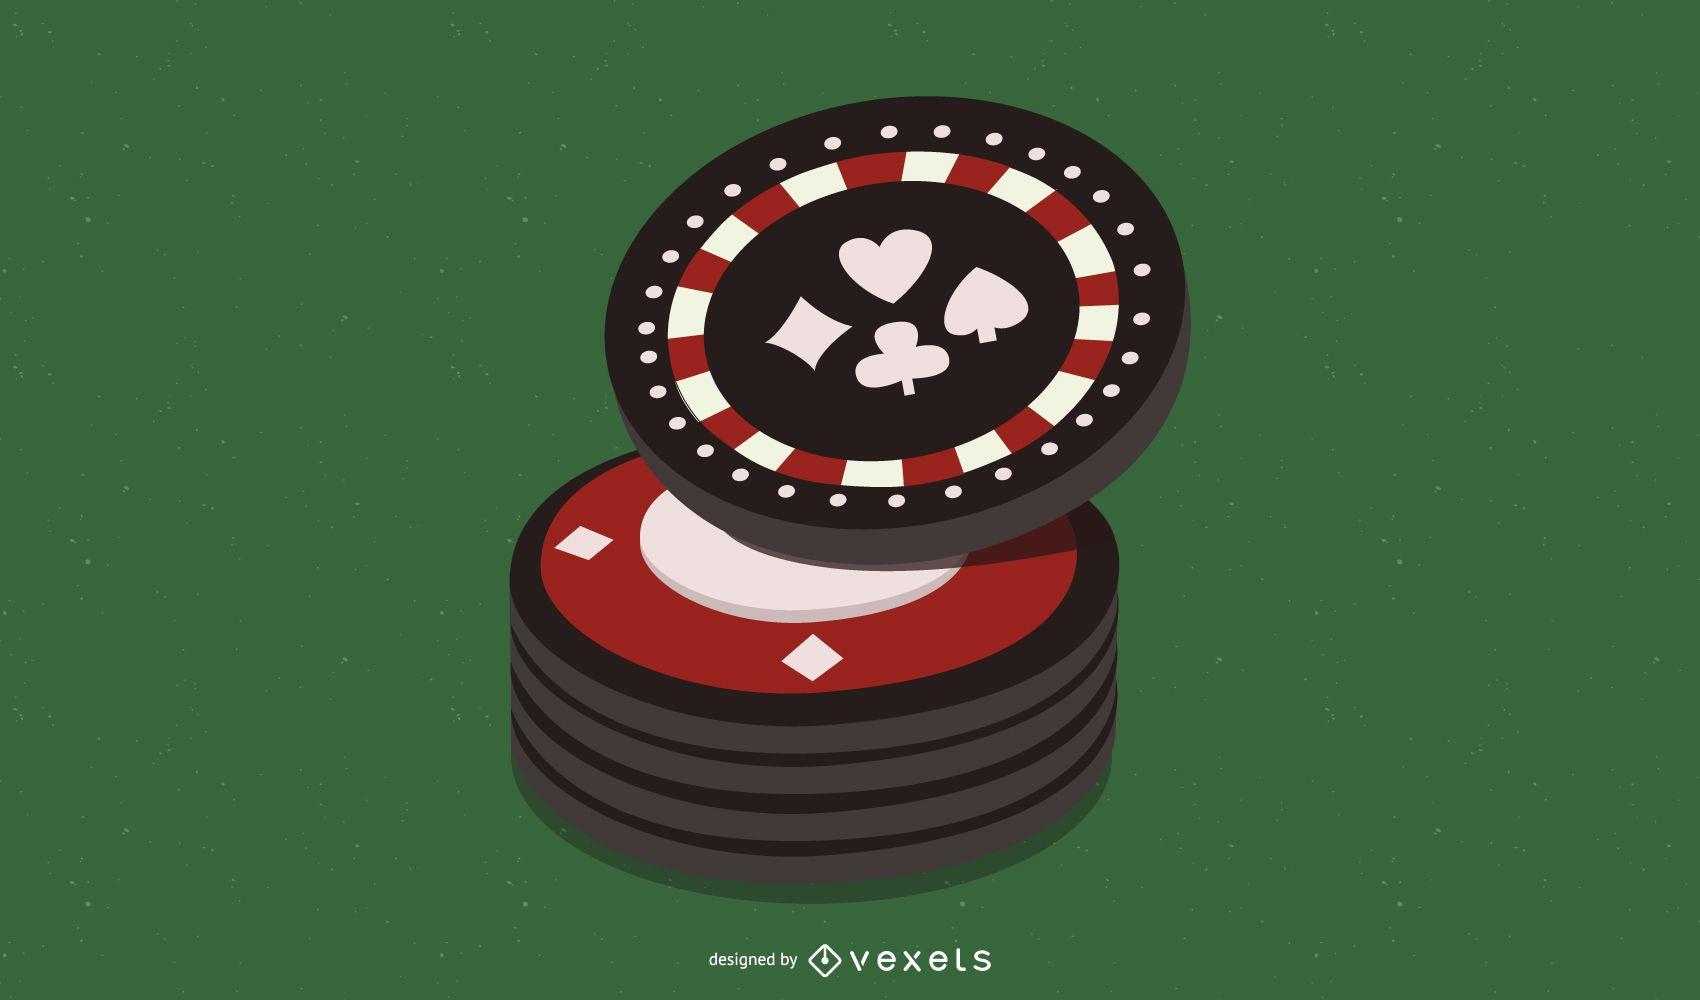 3d Casino Chip 3d Chip Ai 3d Chip Adobe Photoshop Ai Photoshop Ai 3d Vector